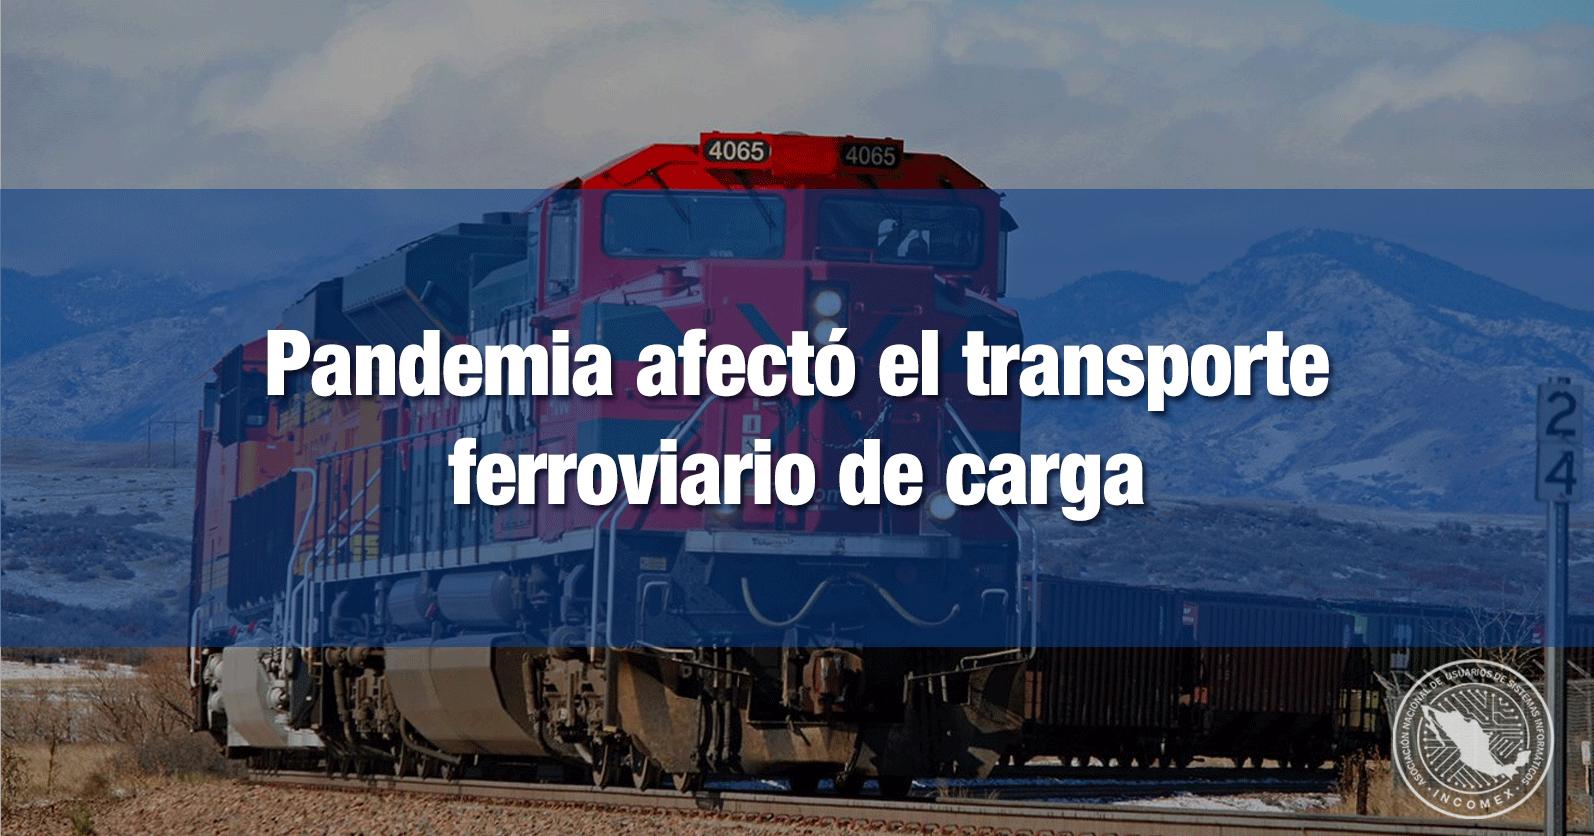 Pandemia afectó el transporte ferroviario de carga